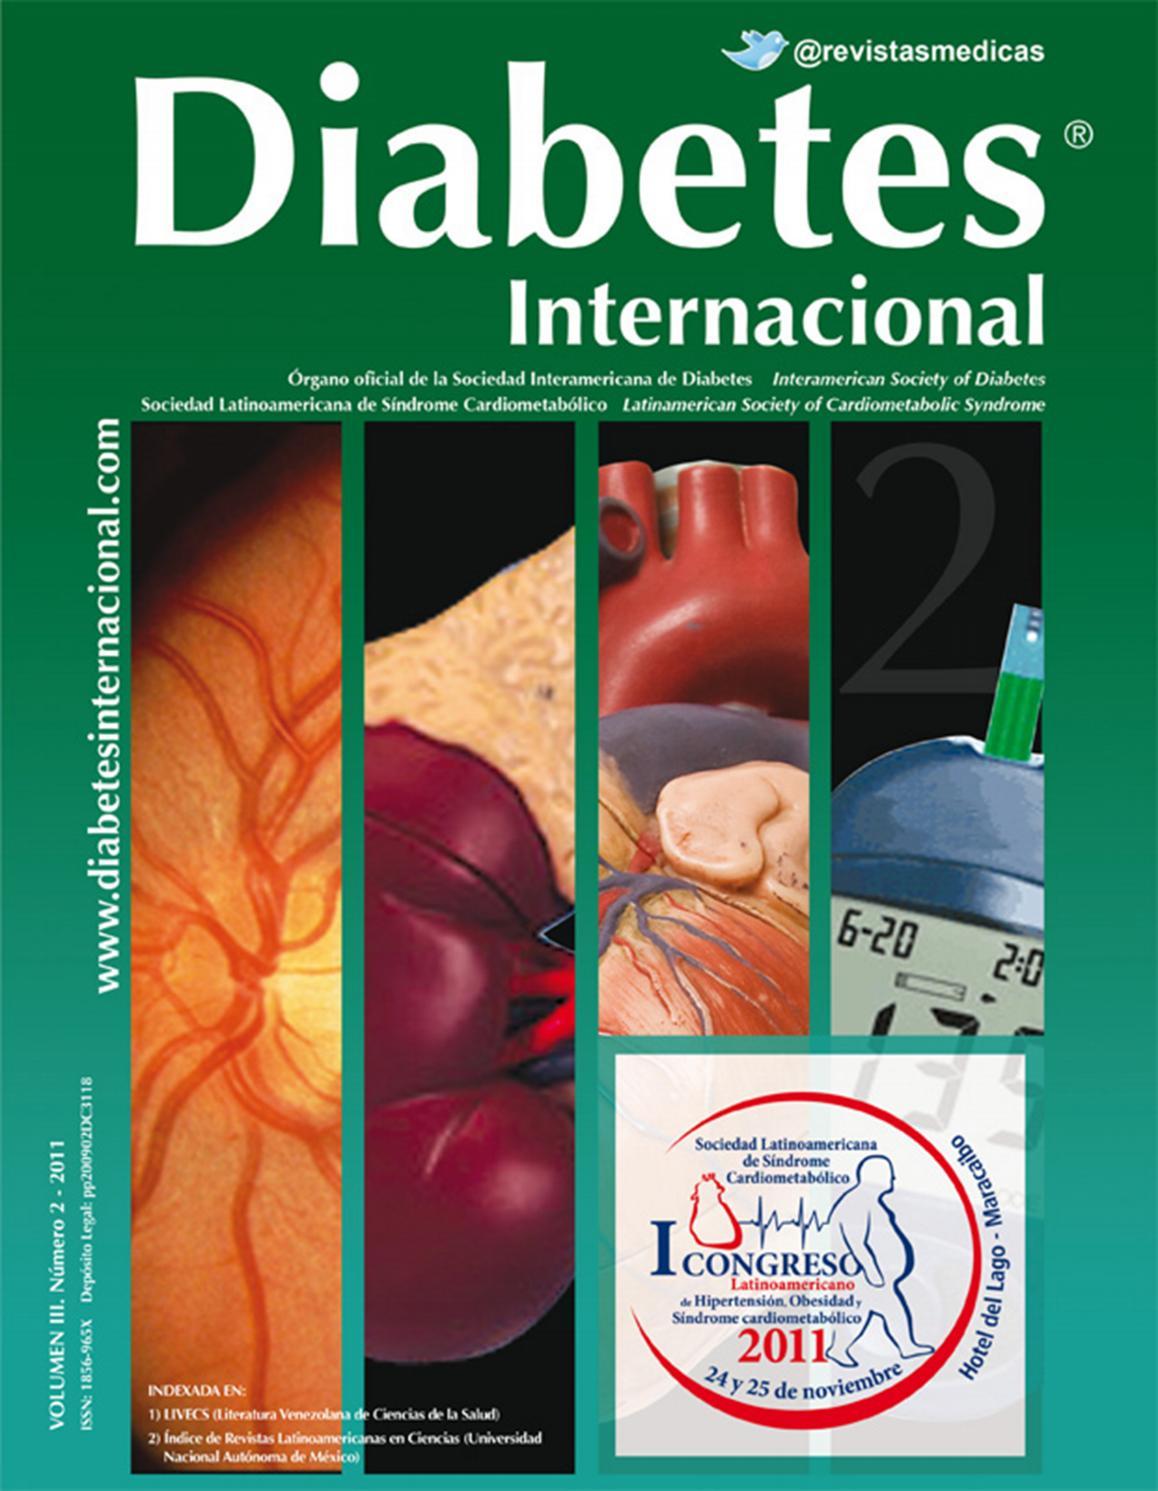 diabetes tipo 1 epidemiología atletismo del reino unido